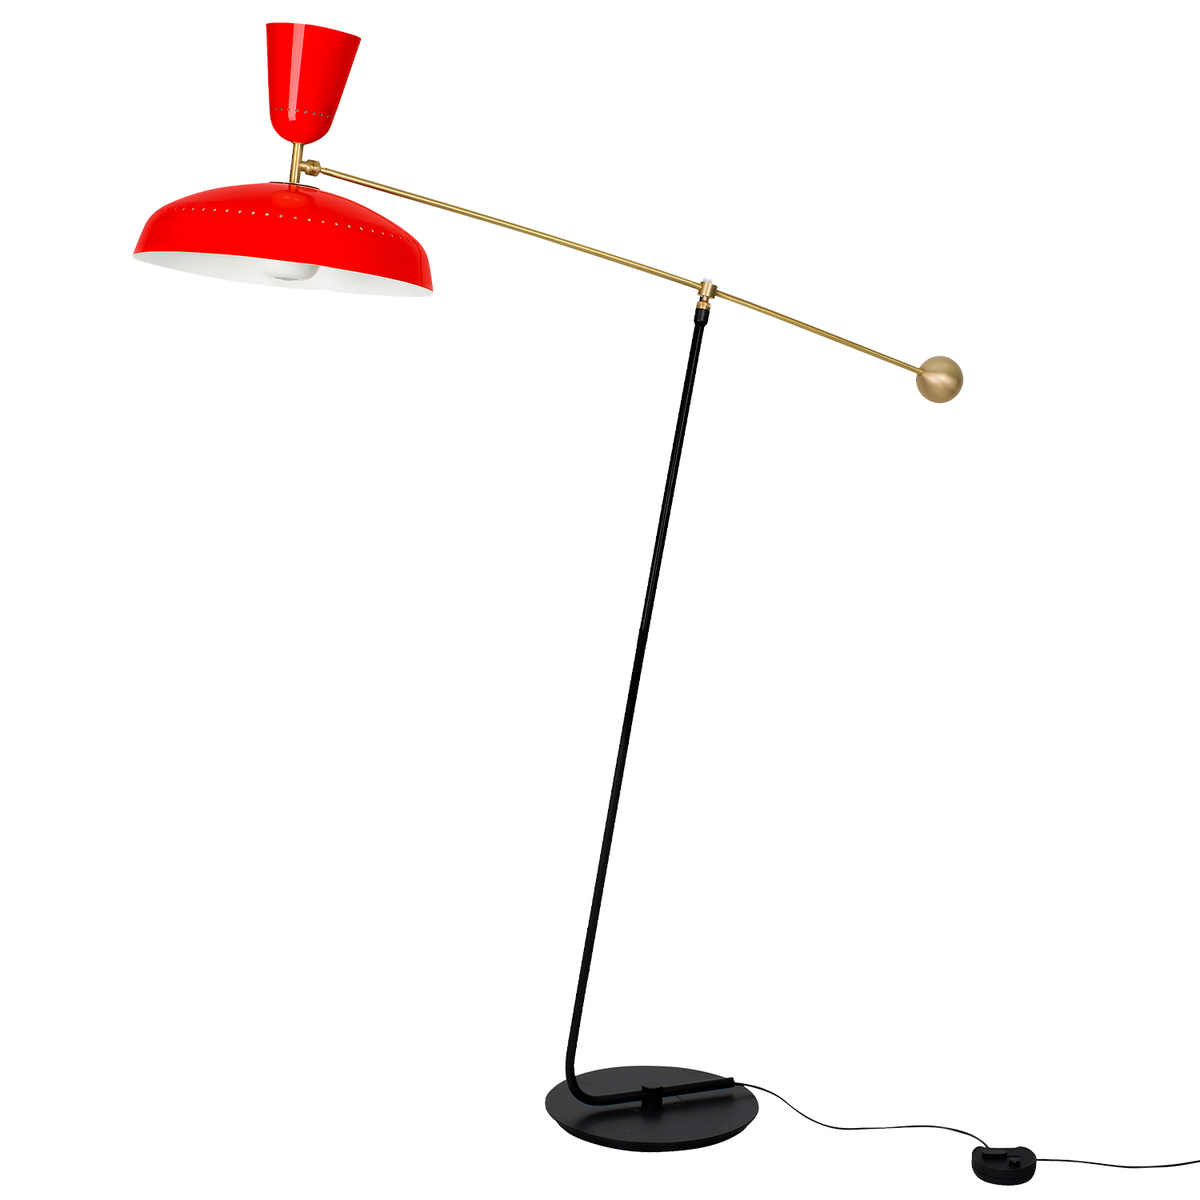 Sammode G1 Floor Lamp, Vermilion Red